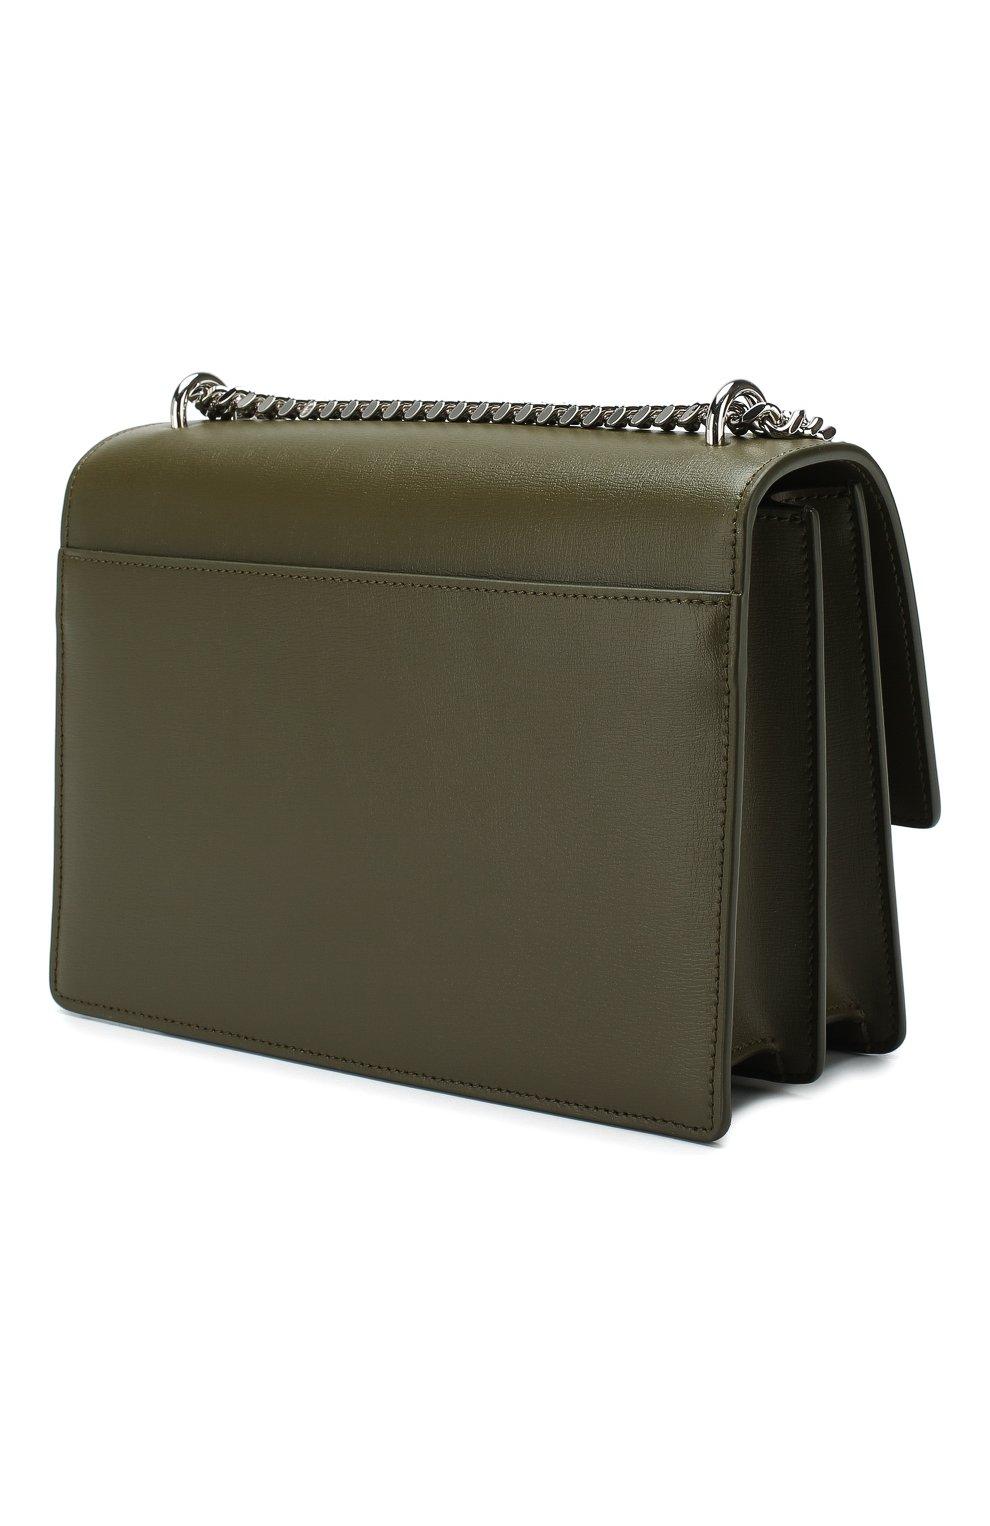 f4e0de665d5b Женские сумки Saint Laurent по цене от 52 350 руб. купить в  интернет-магазине ЦУМ